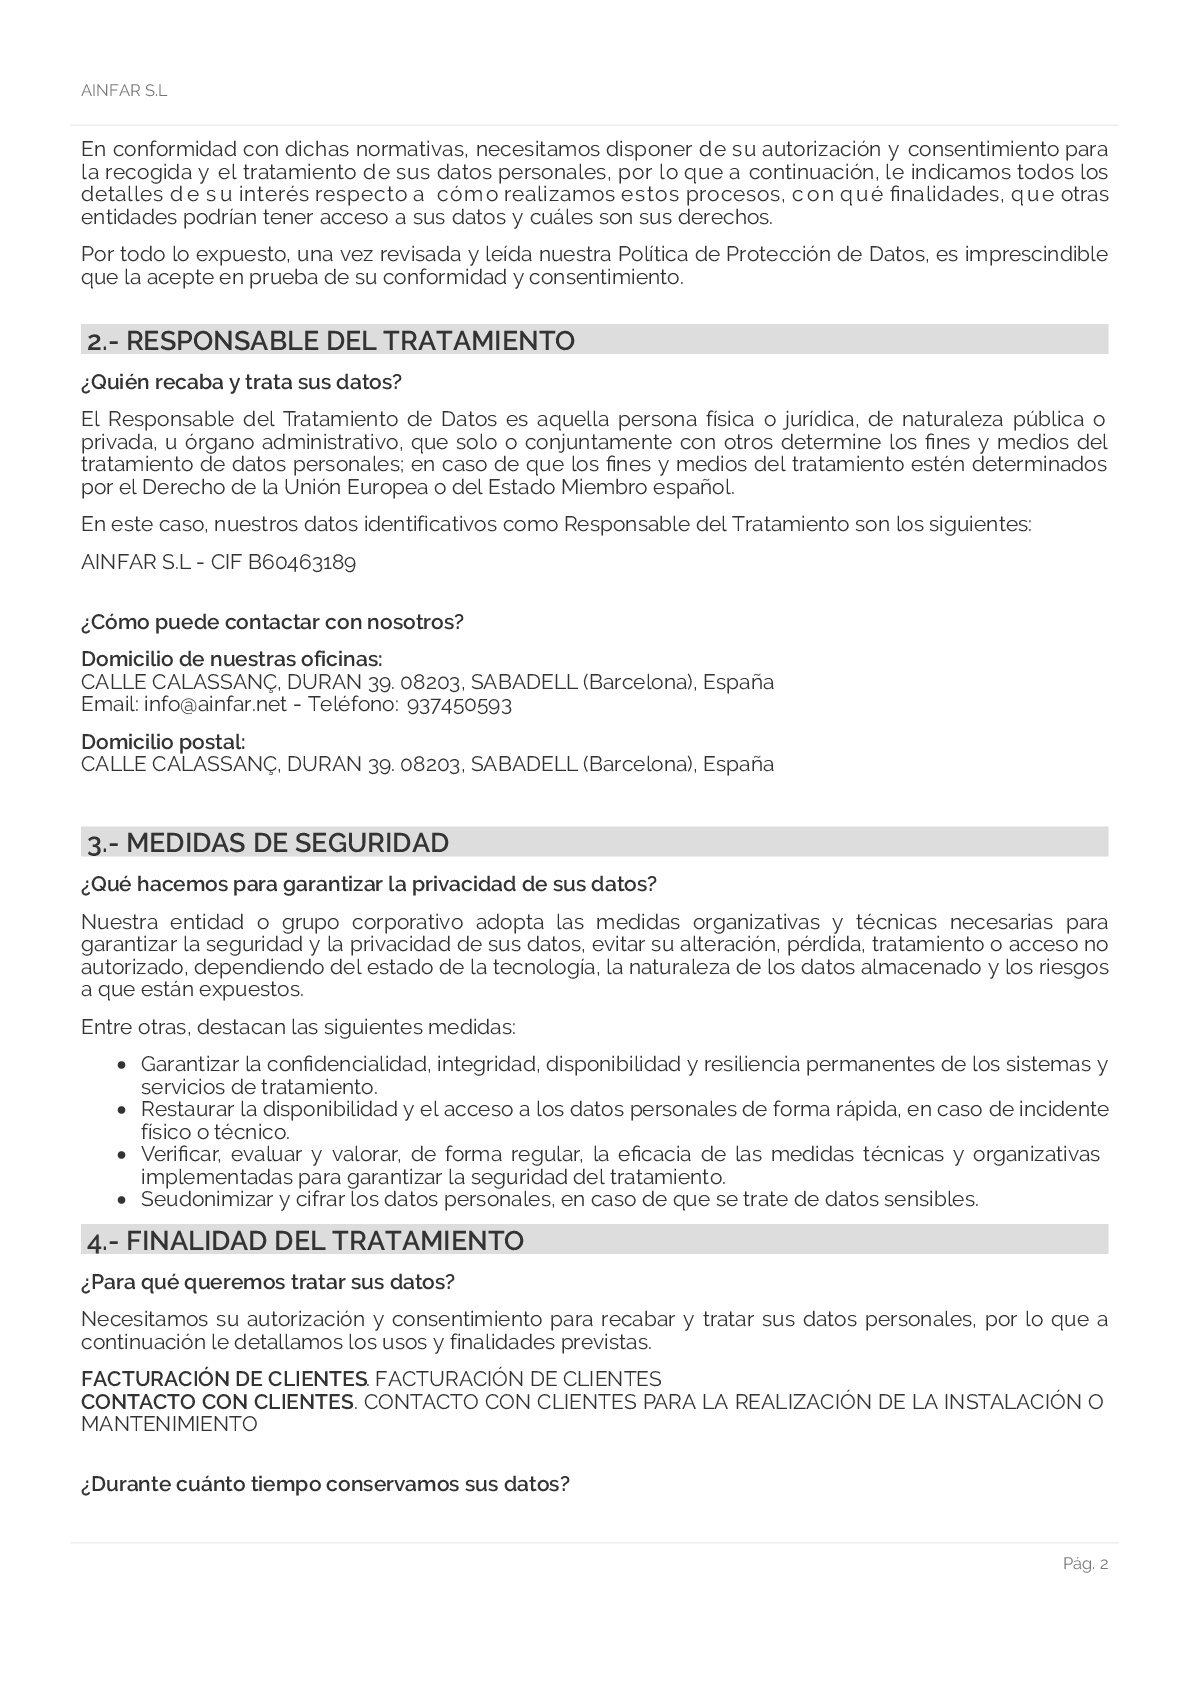 POLITICA-DE-PRIVACIDAD-002